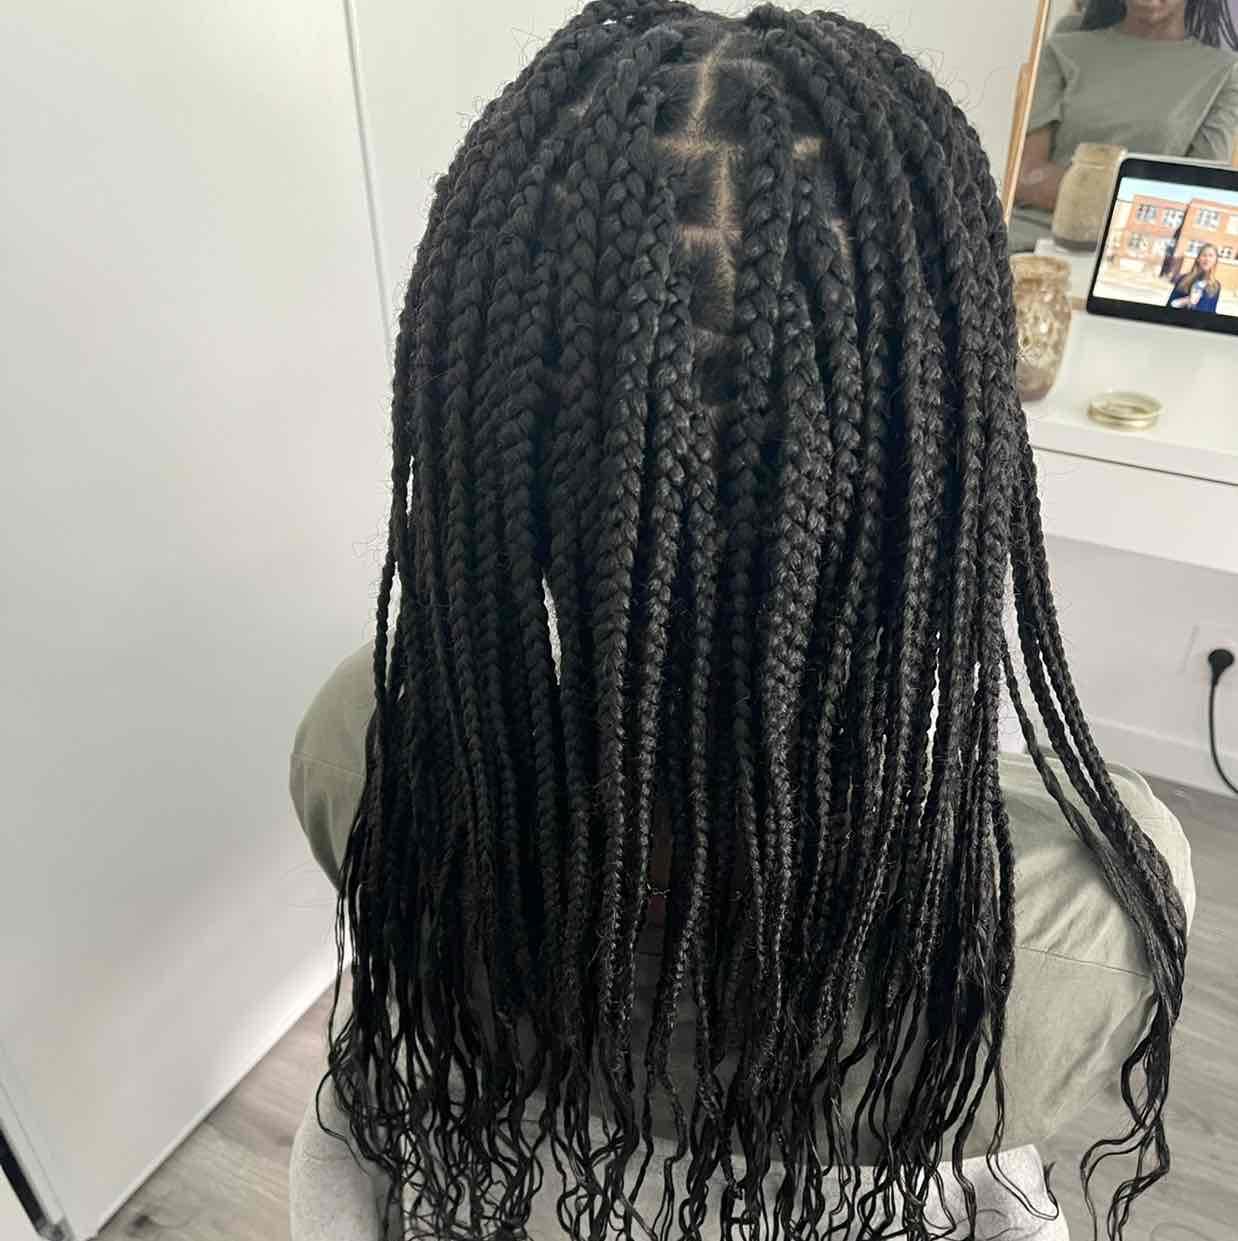 salon de coiffure afro tresse tresses box braids crochet braids vanilles tissages paris 75 77 78 91 92 93 94 95 XHQGGRLS